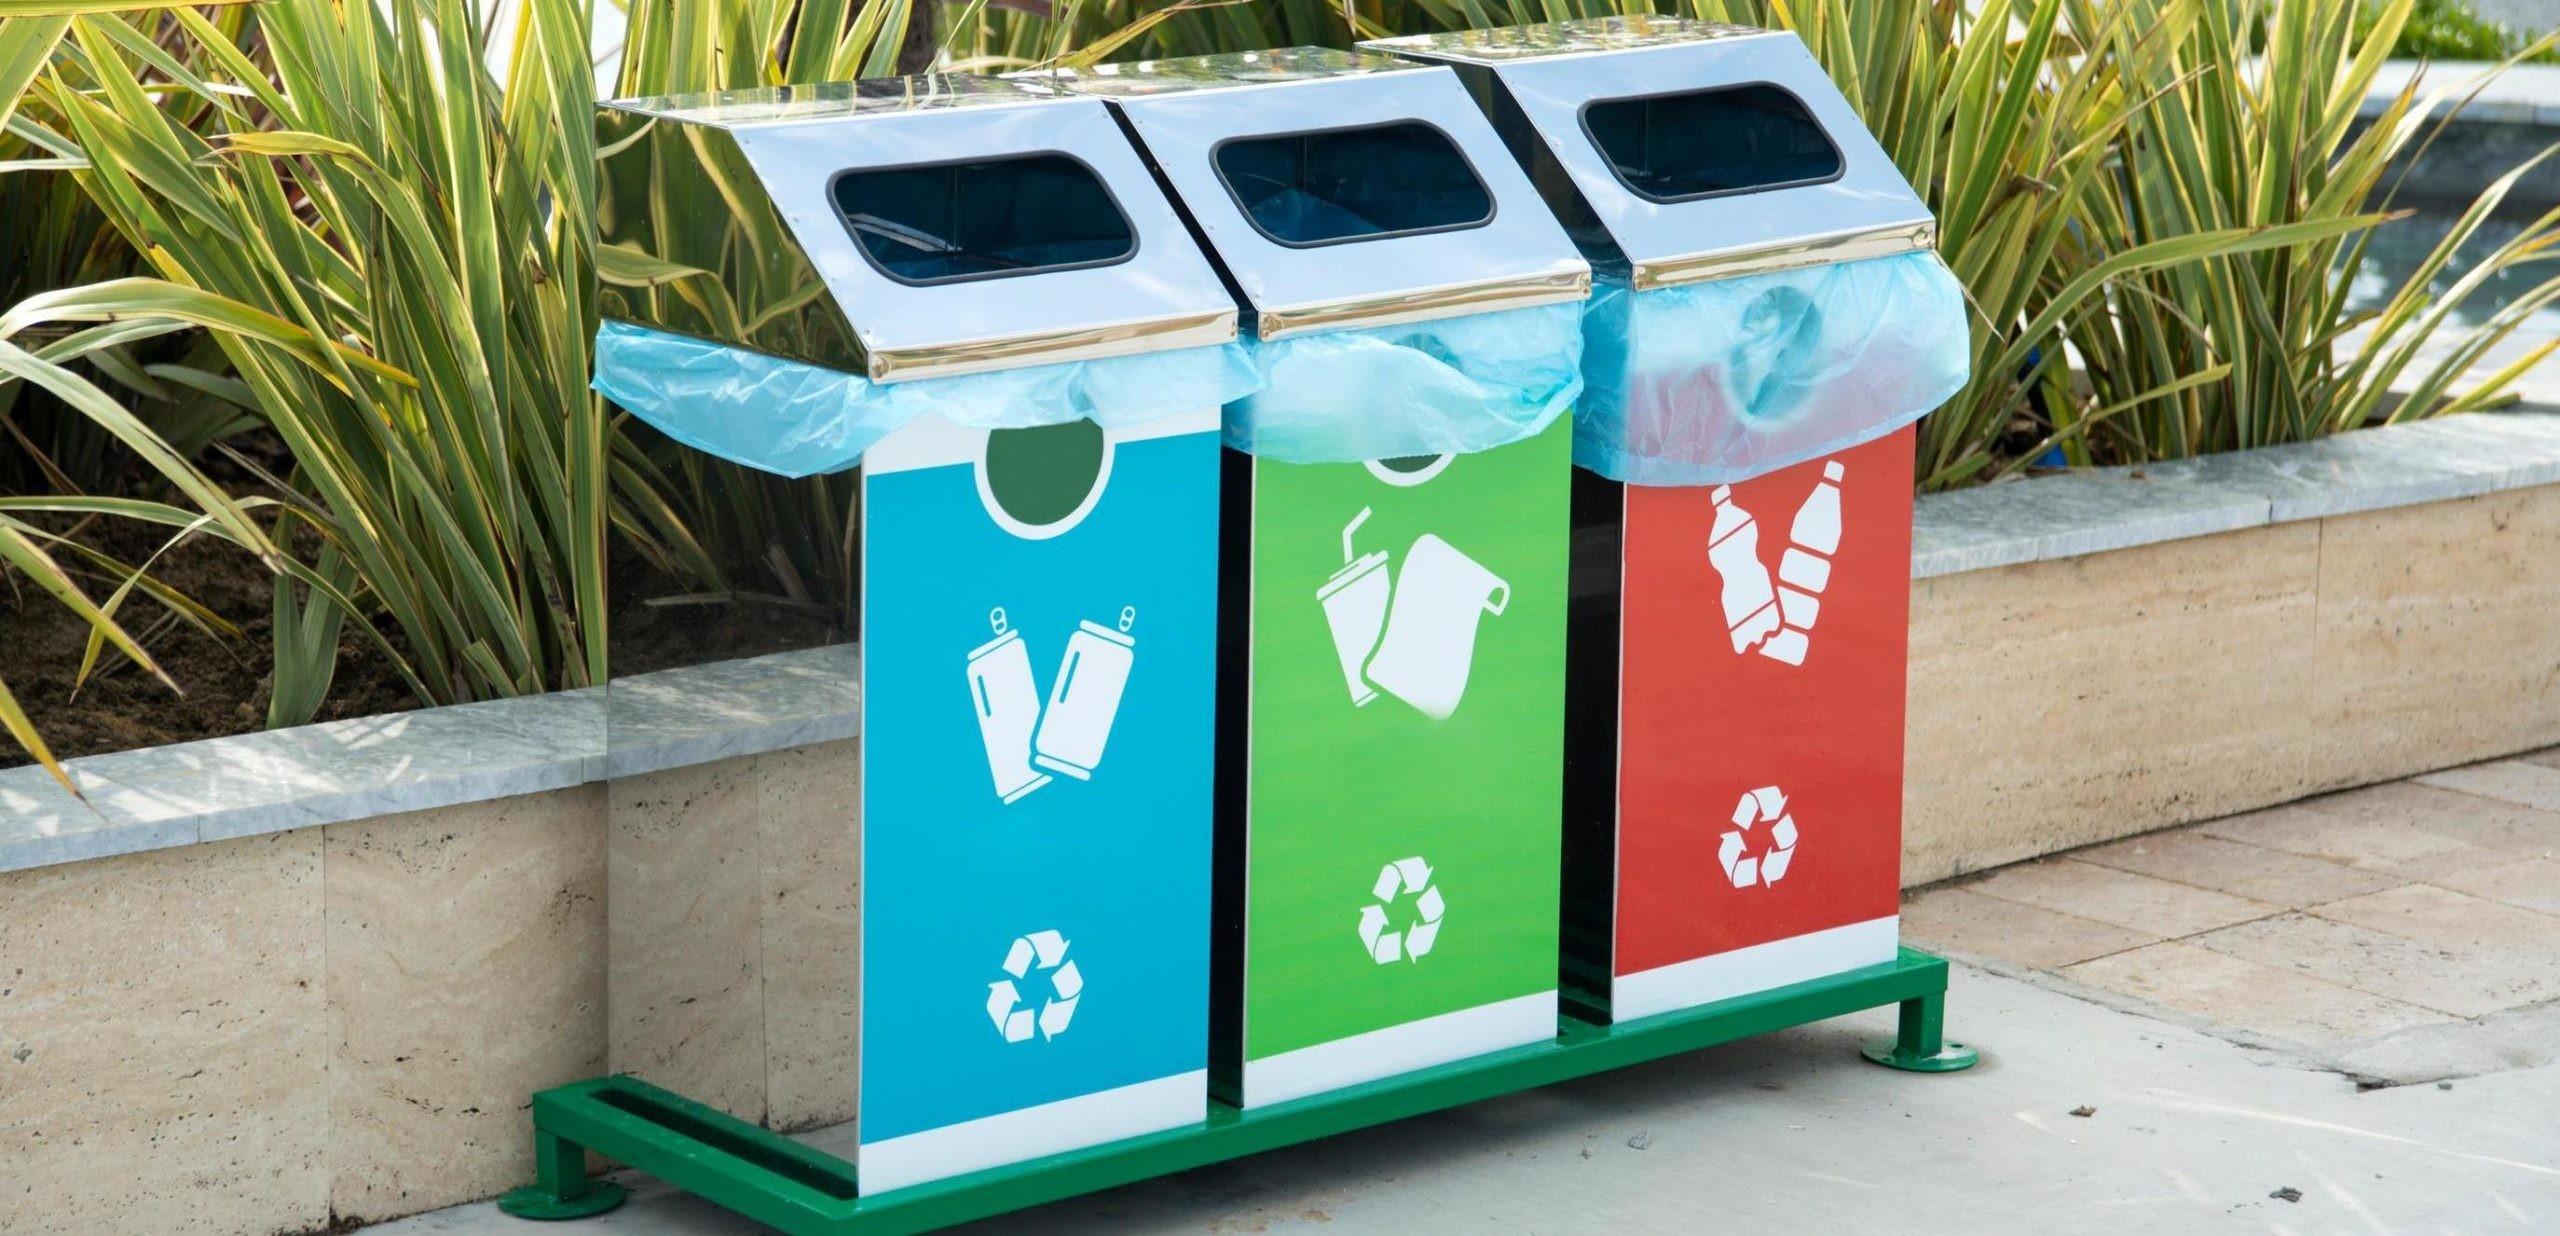 баки для раздельного сбора мусора